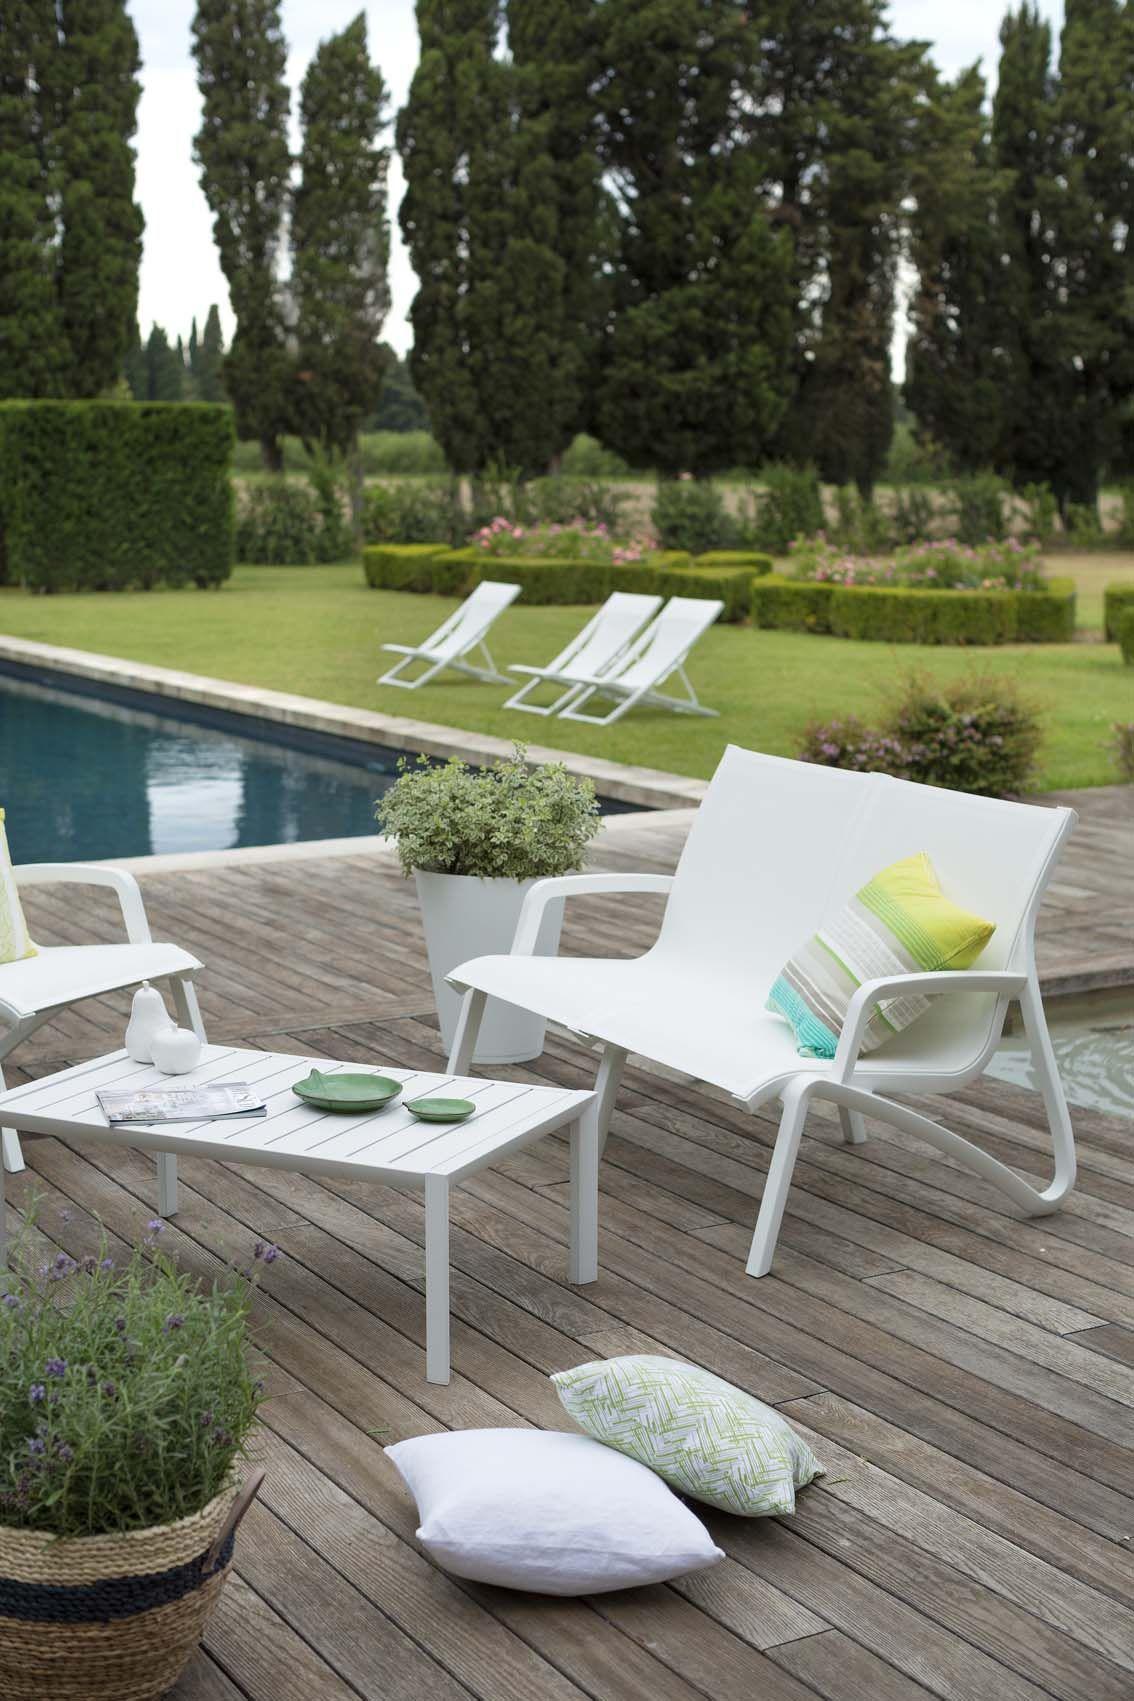 Détente Au Bord De La Piscine. Esprit Lounge Pour Ce Salon ... dedans Salon De Jardin Confortable